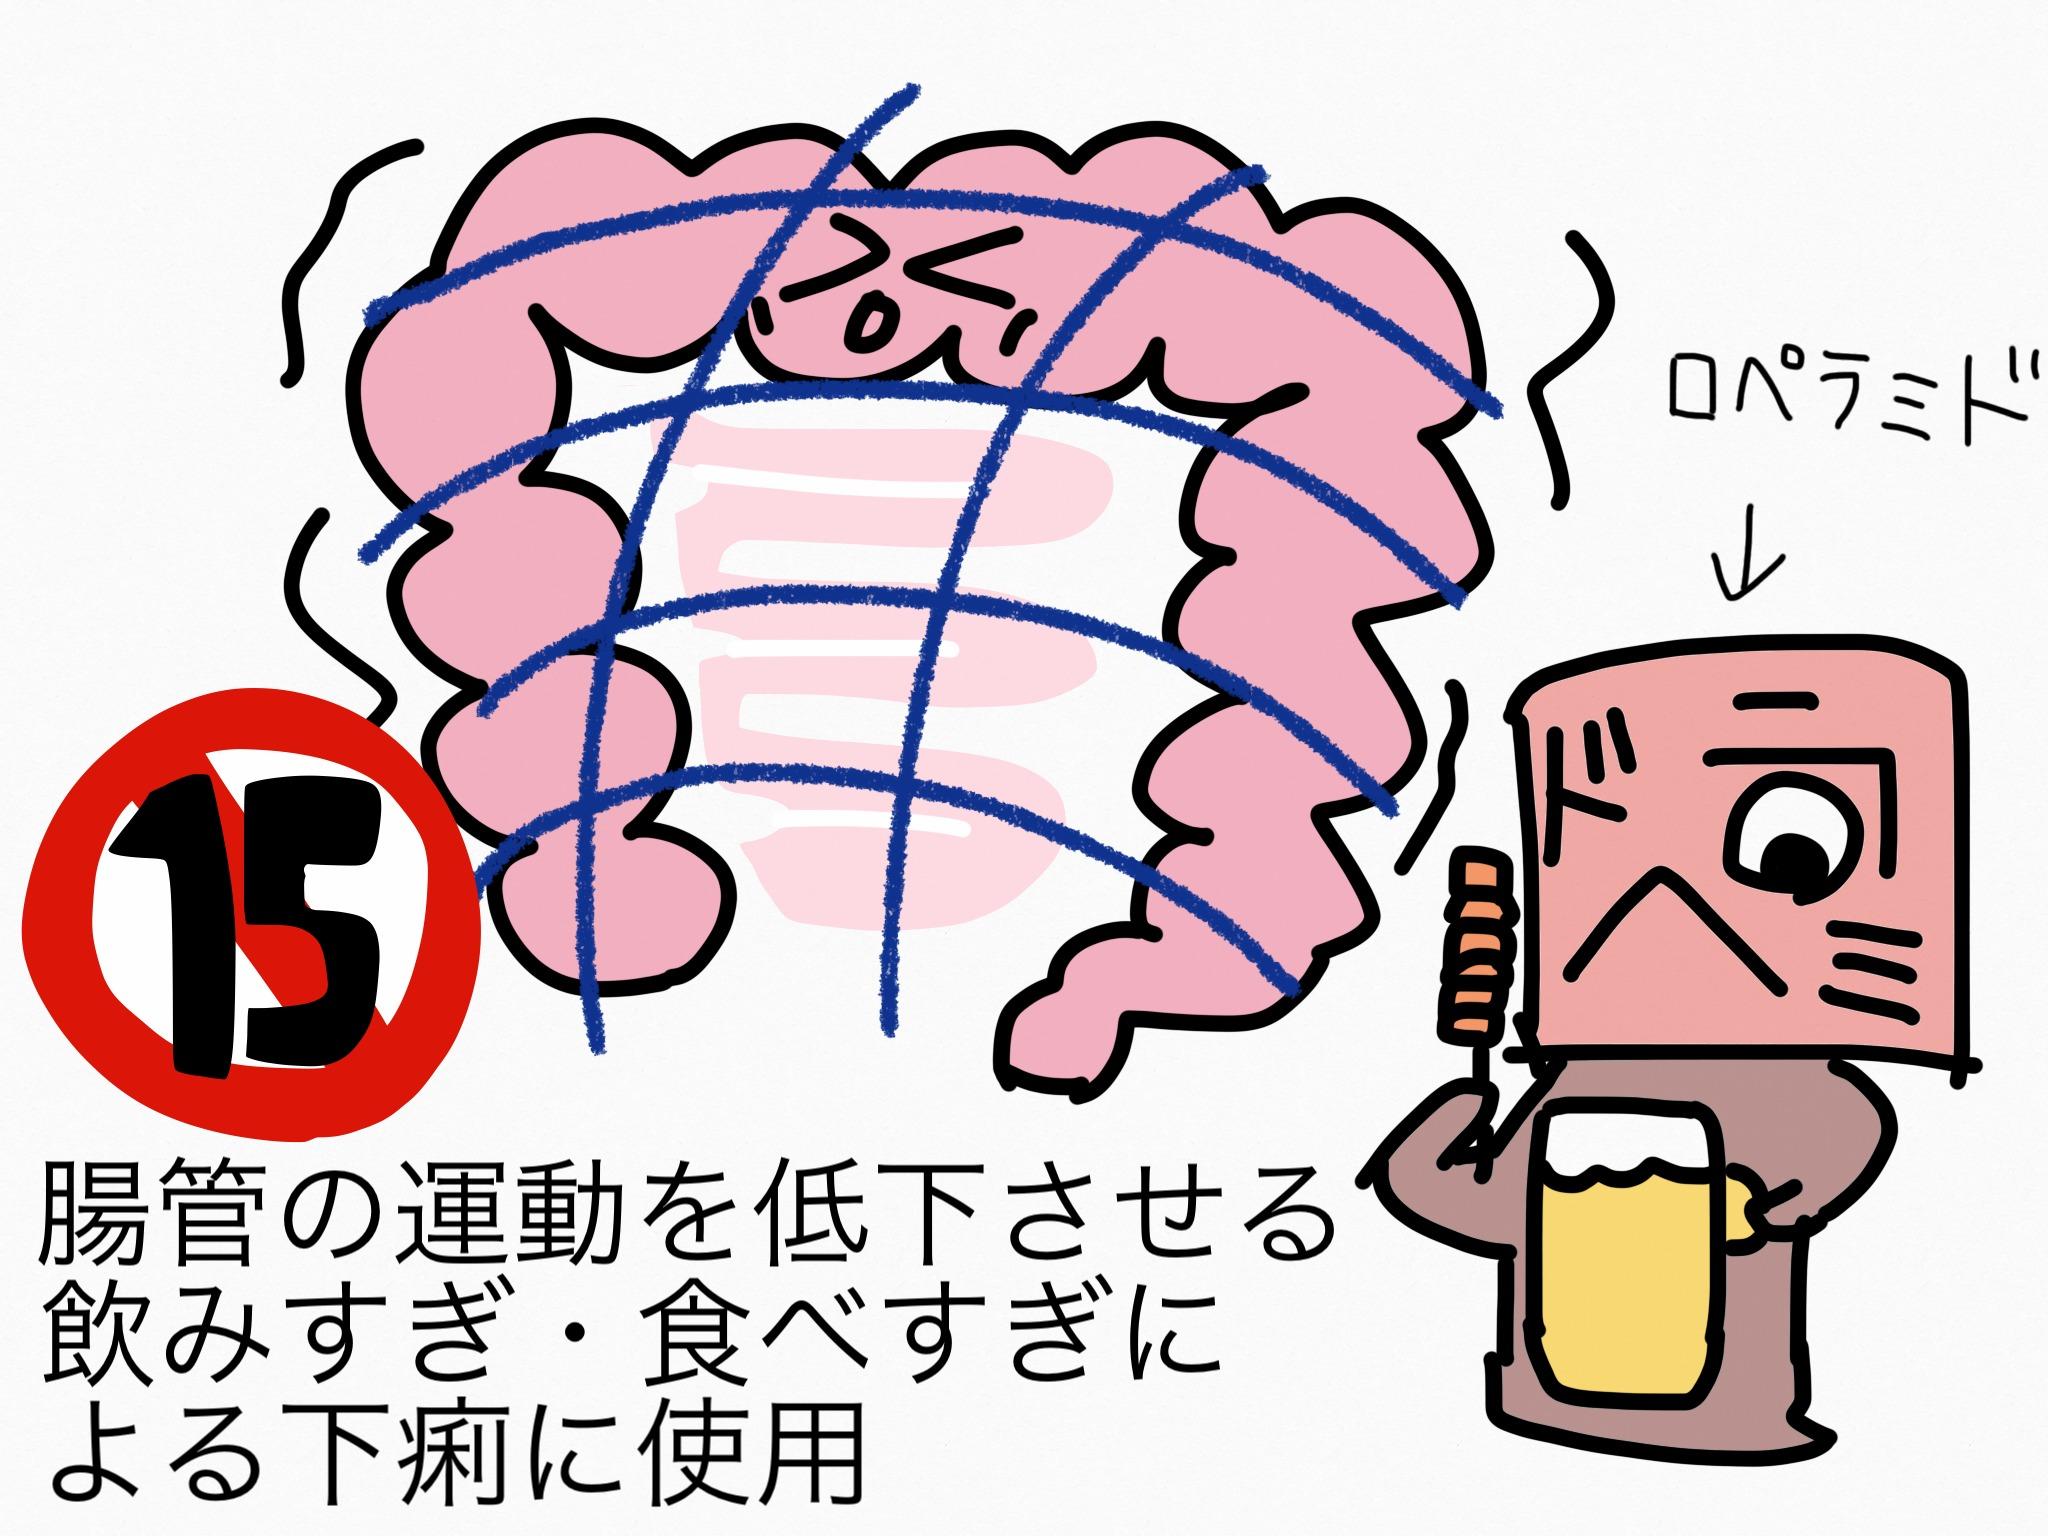 腸の薬の成分まとめ・覚え方③止瀉成分(腸管運動低下・吸着)